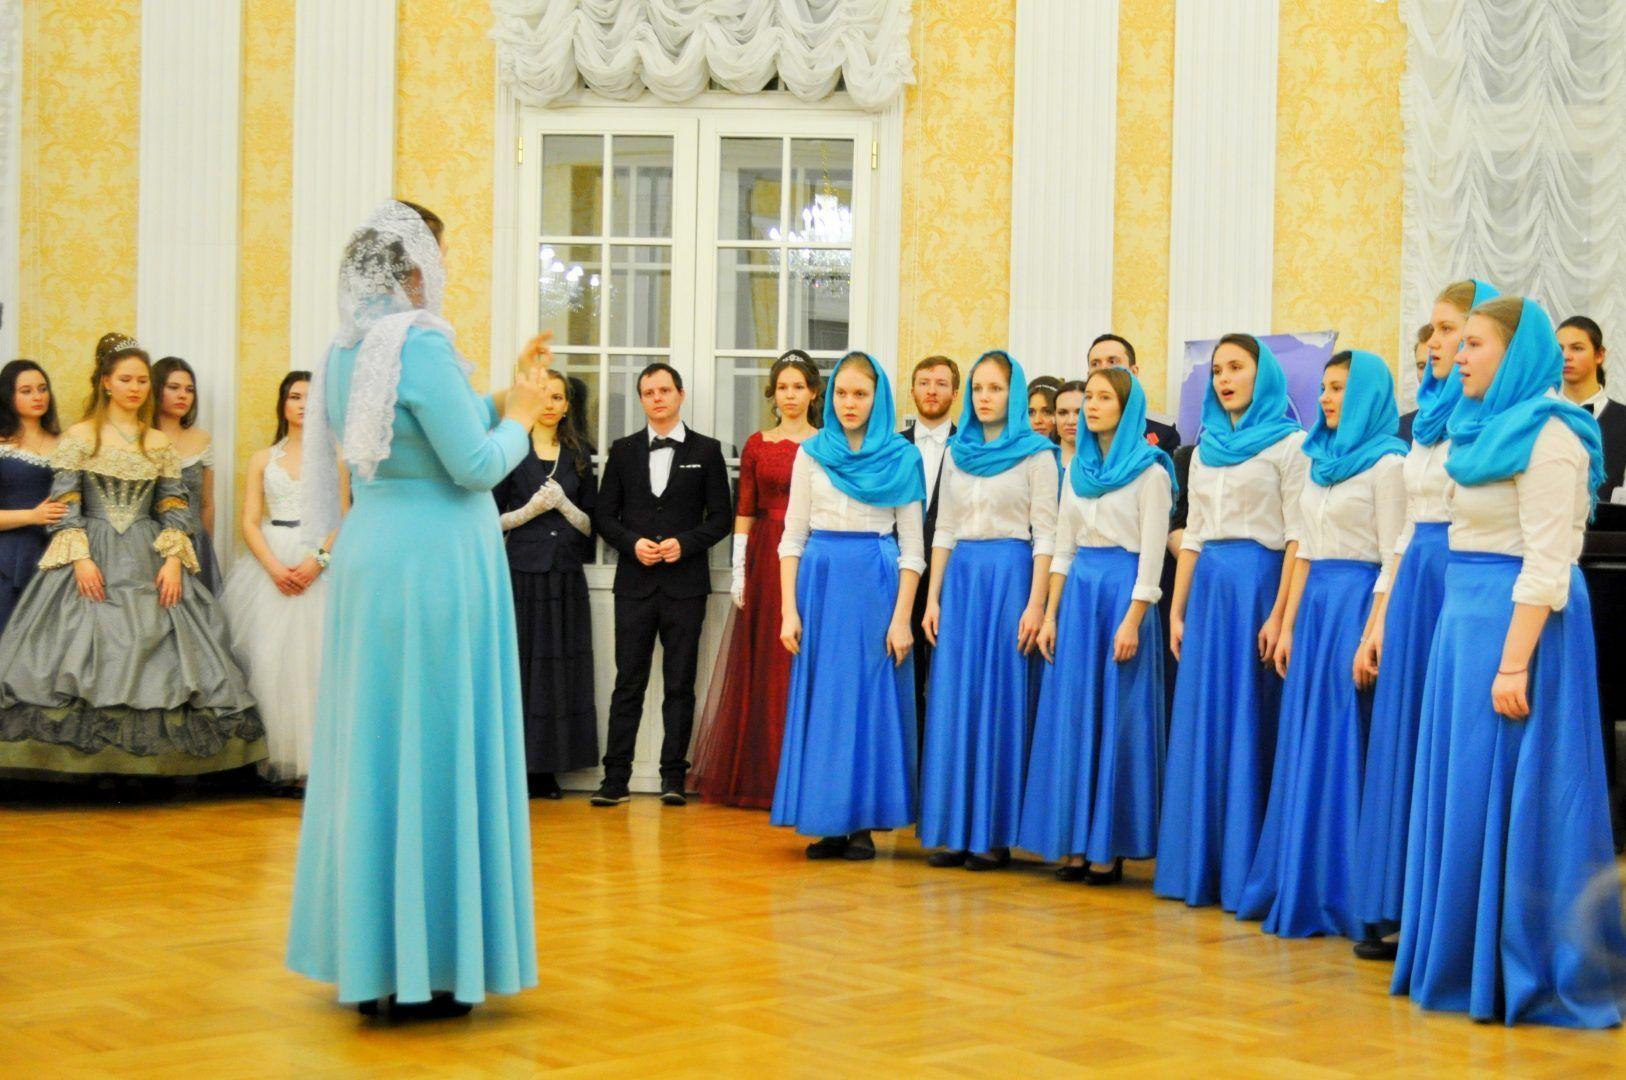 Выступление церковного хора. Фото: Никита Нестеров